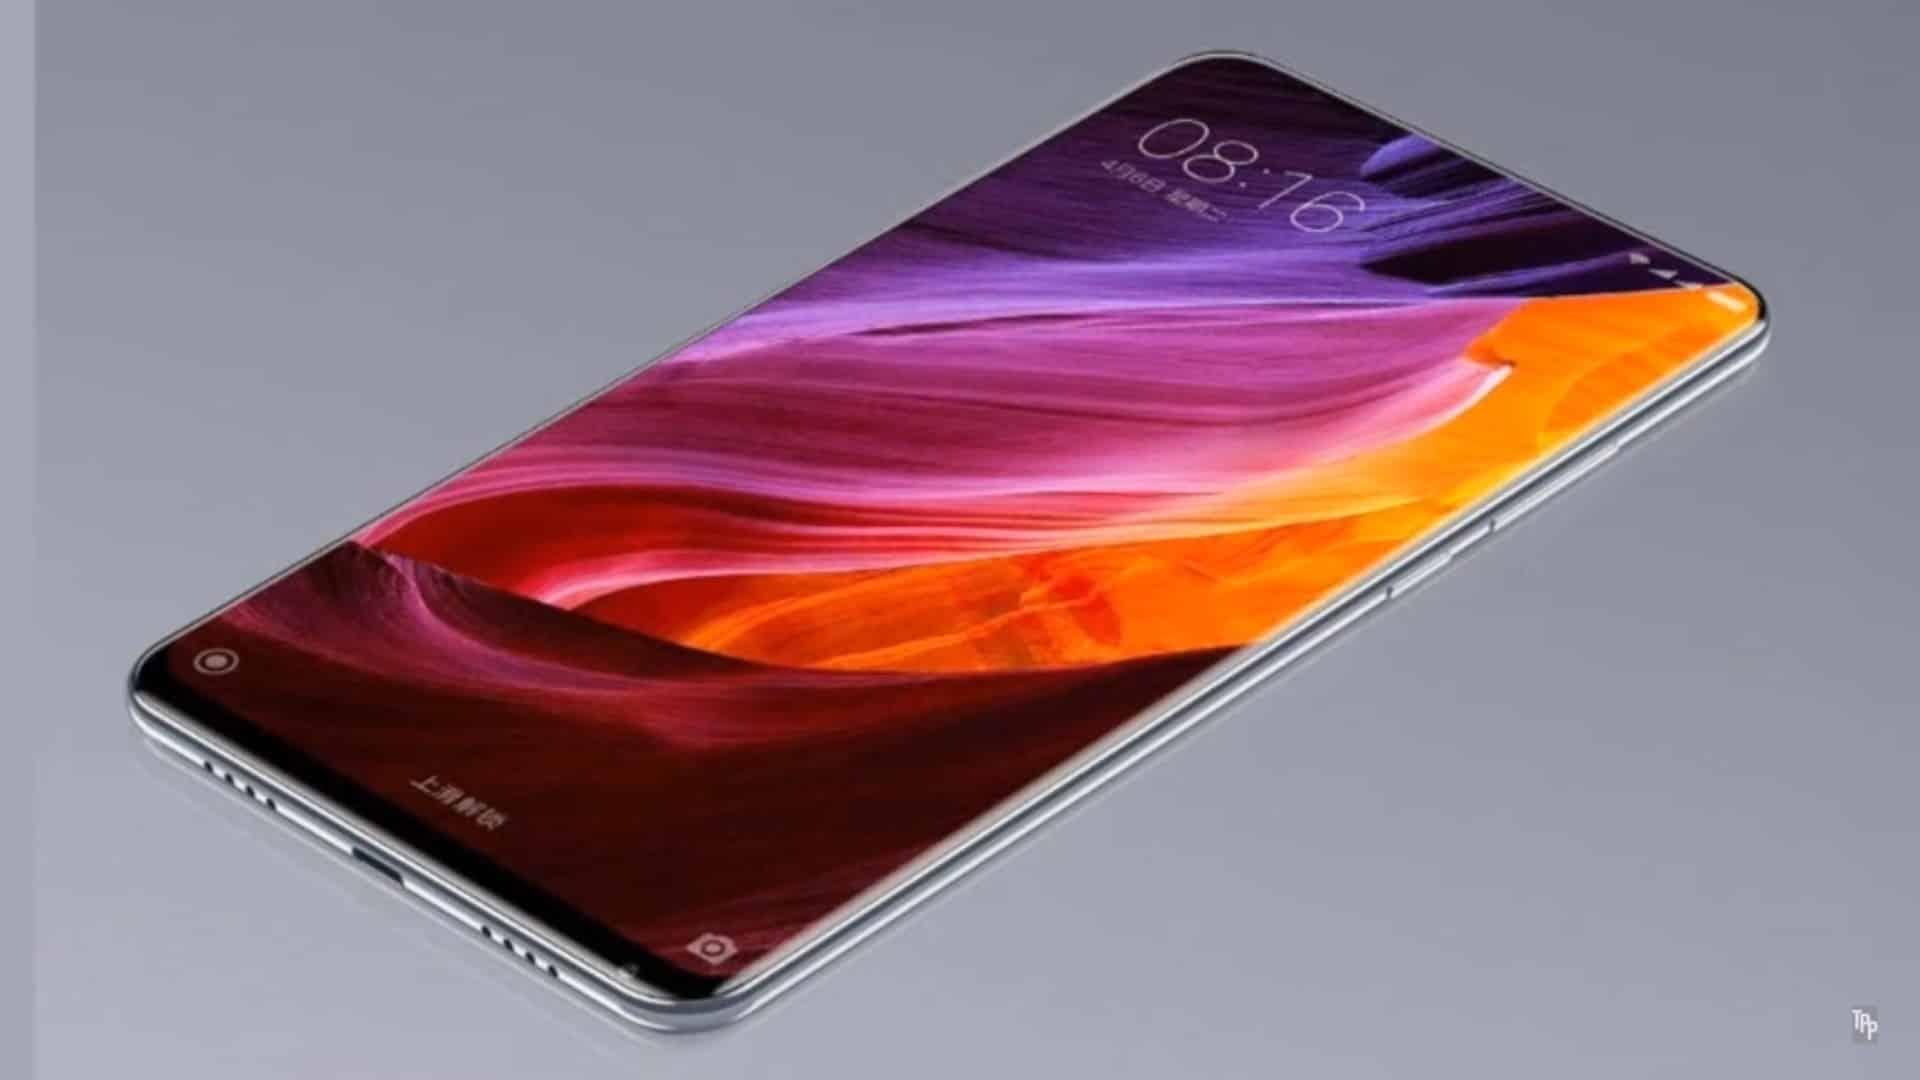 [Specs list] Xiaomi Mi Mix 2s bit će zvijer dostojna svakog centa